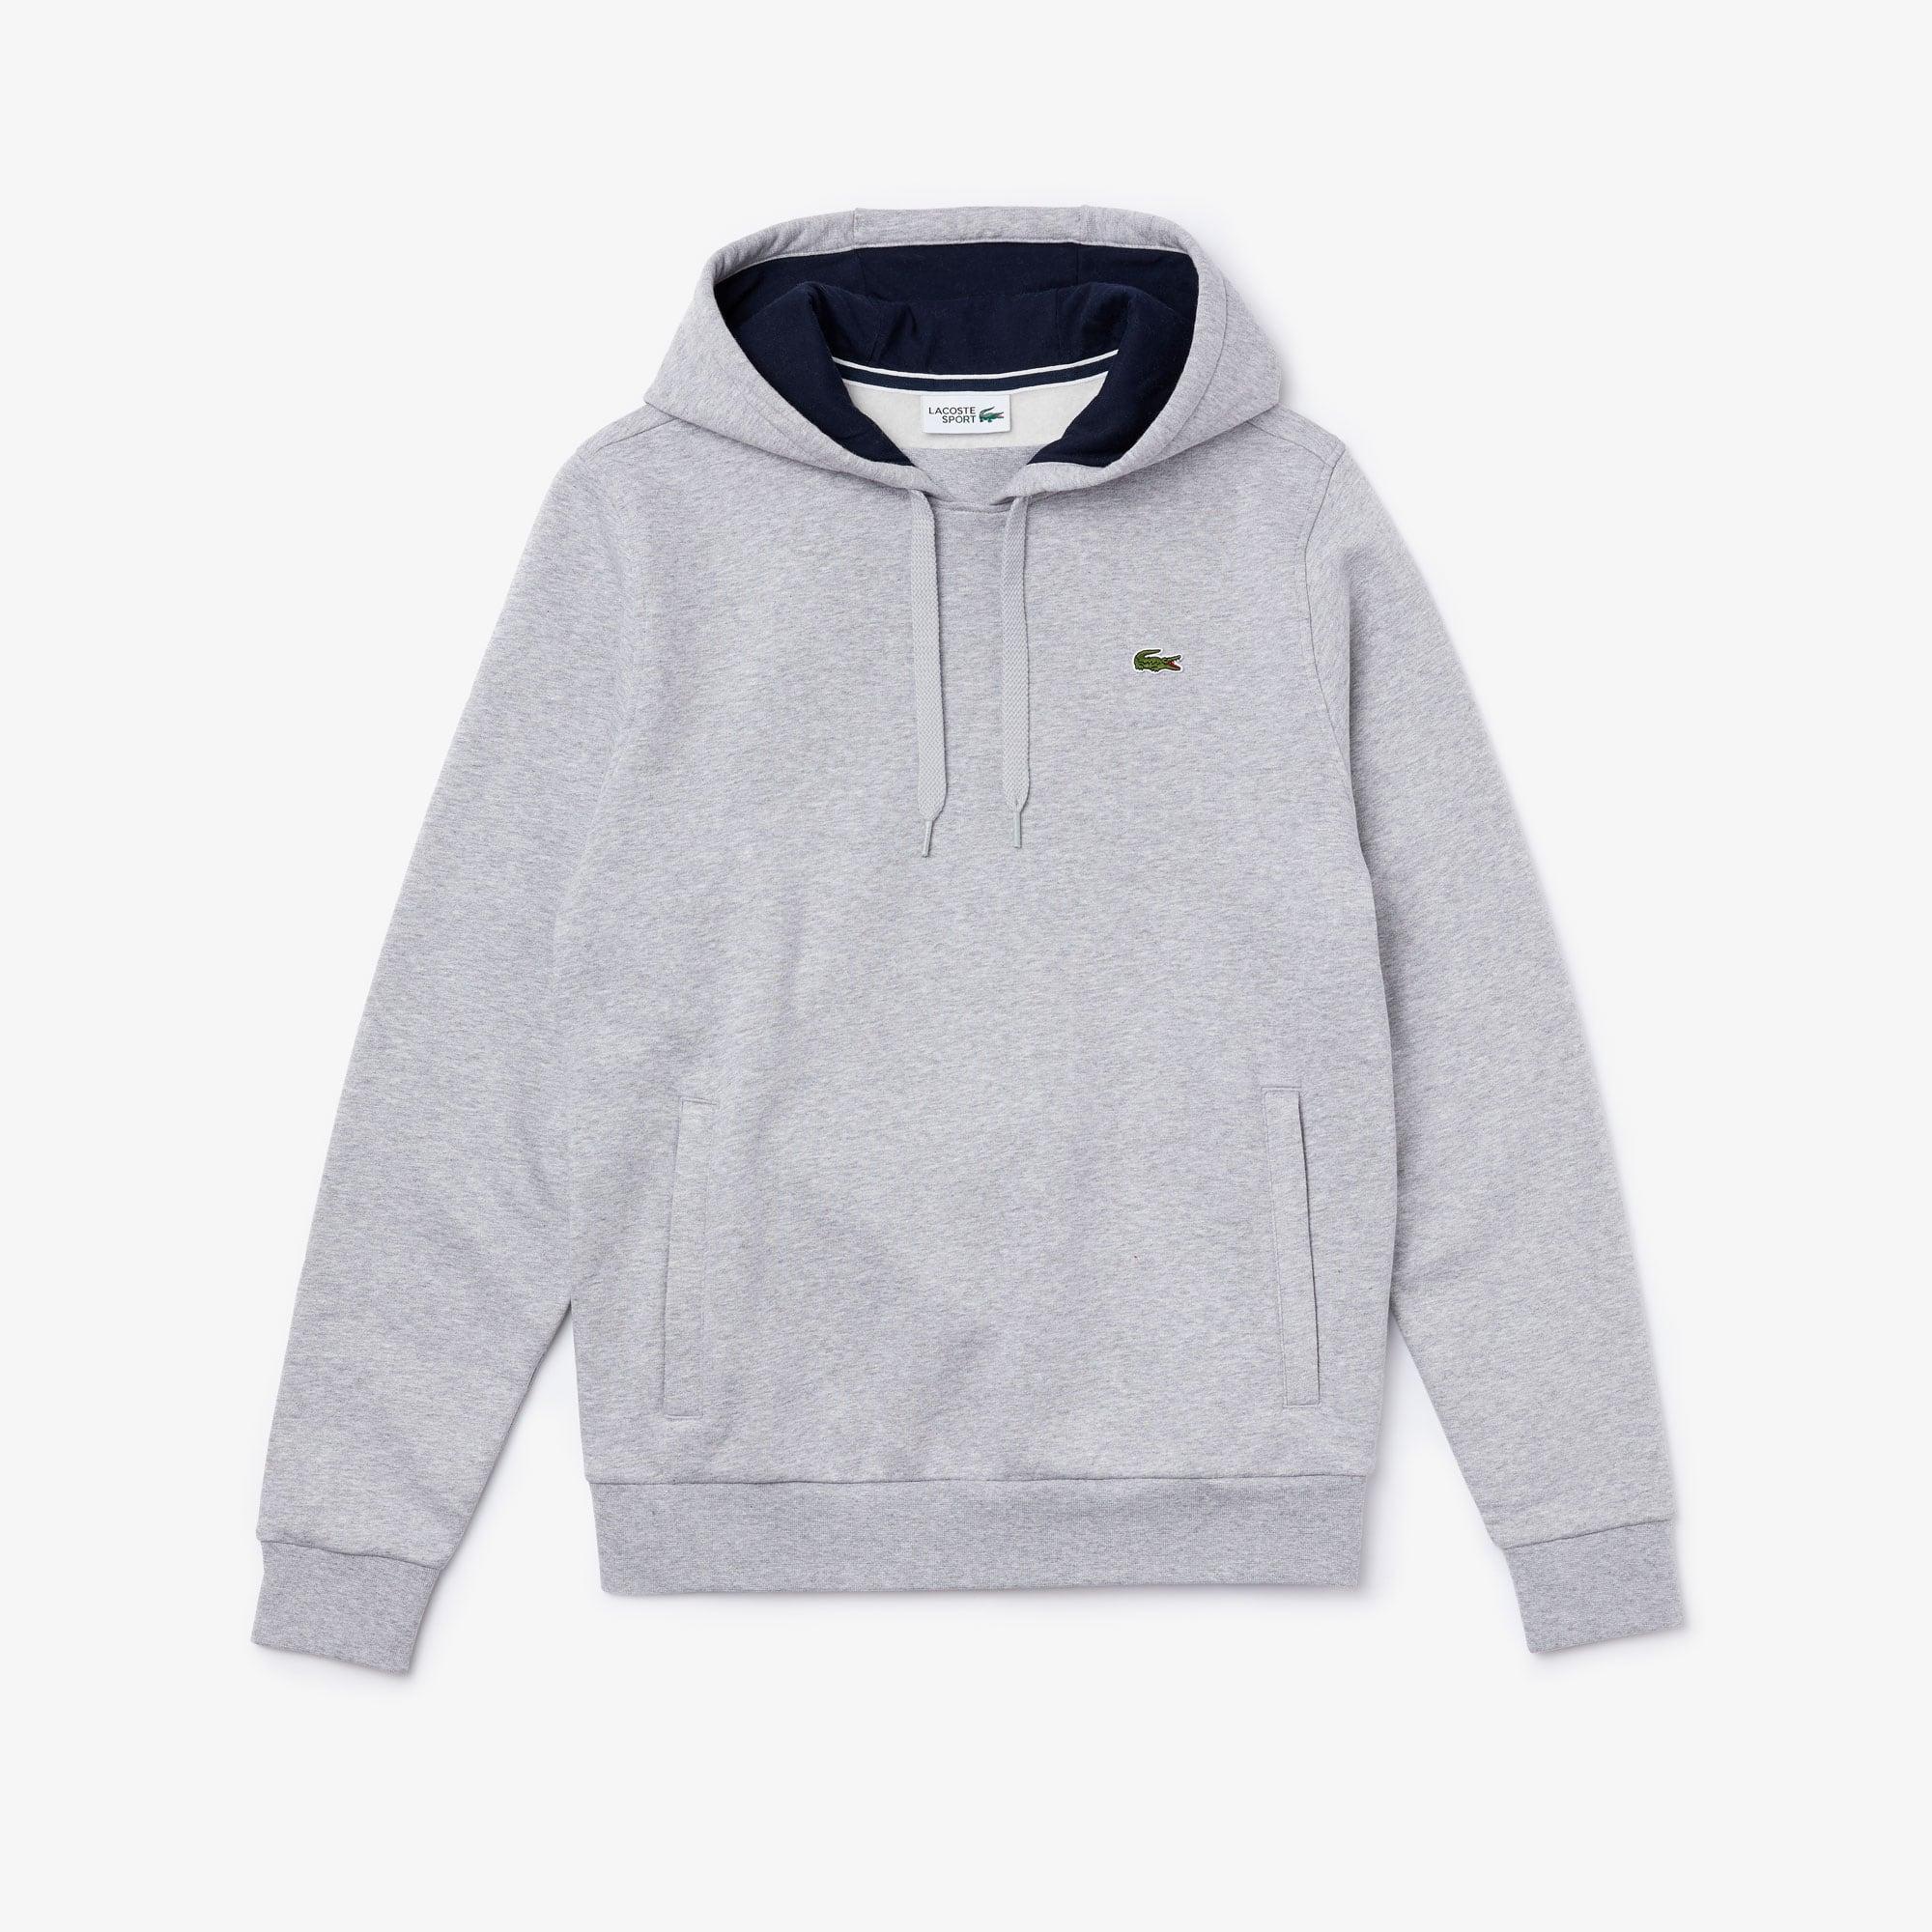 라코스테 Lacoste Mens Sport Hooded Fleece Tennis Sweatshirt,grey chine / navy blue